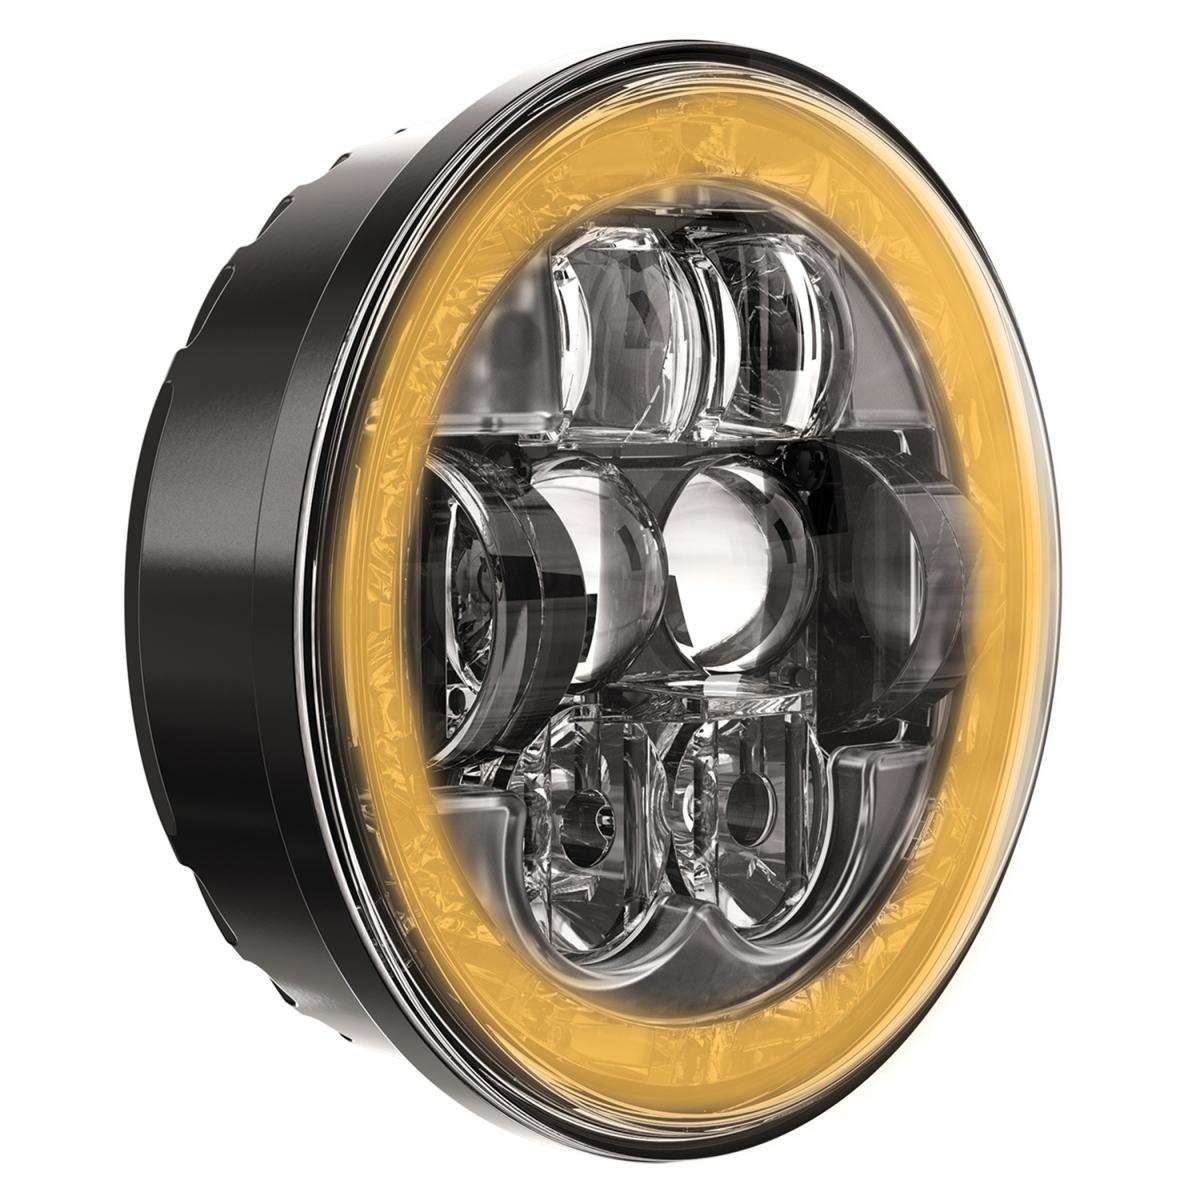 LED Headlight – Model 8631 Evolution